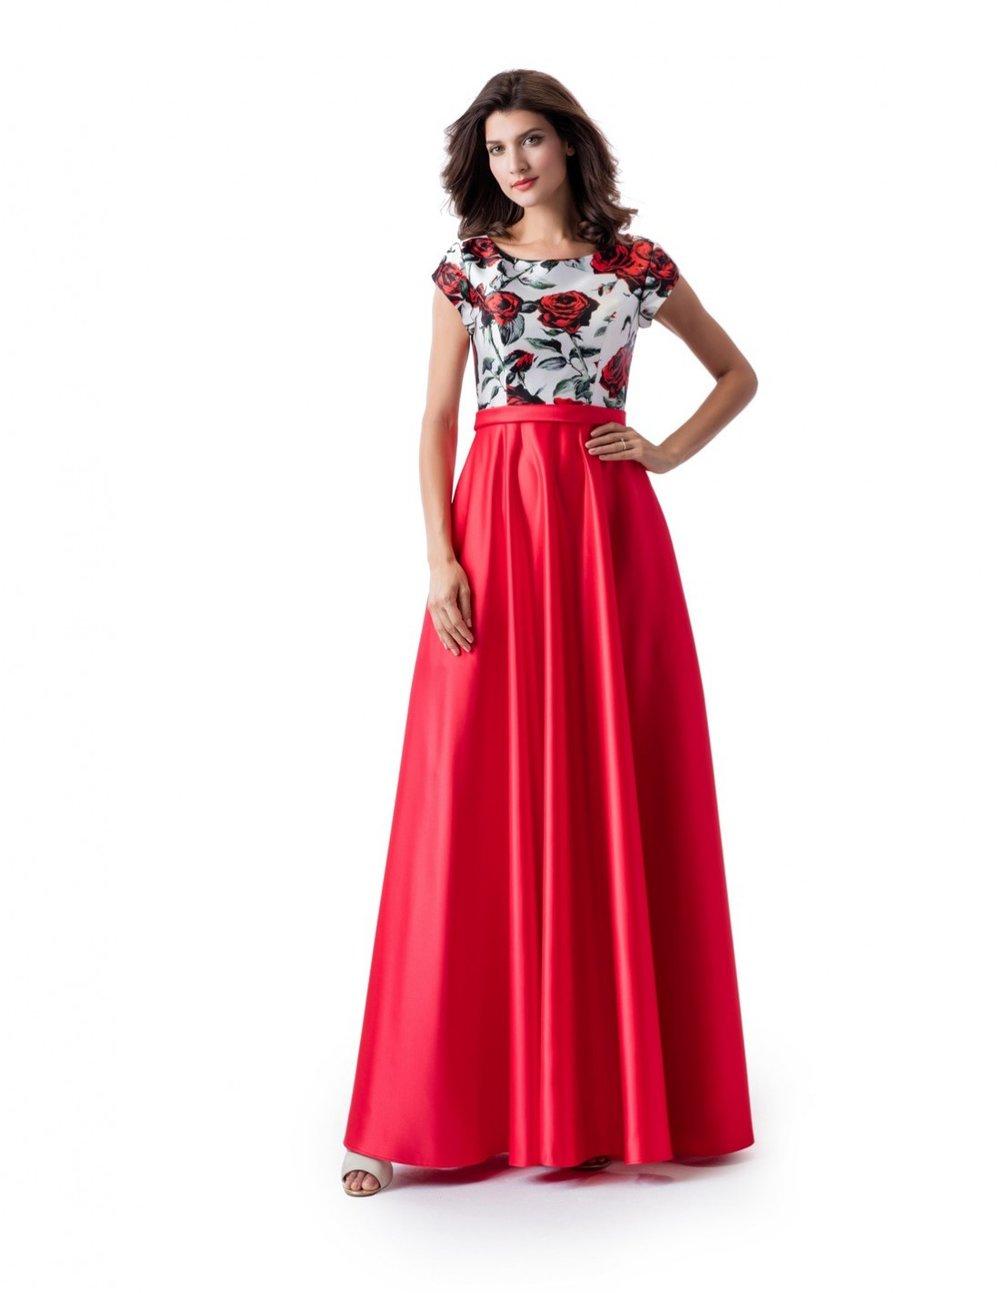 Venus TP5657 Floral Watermelon Modest Prom